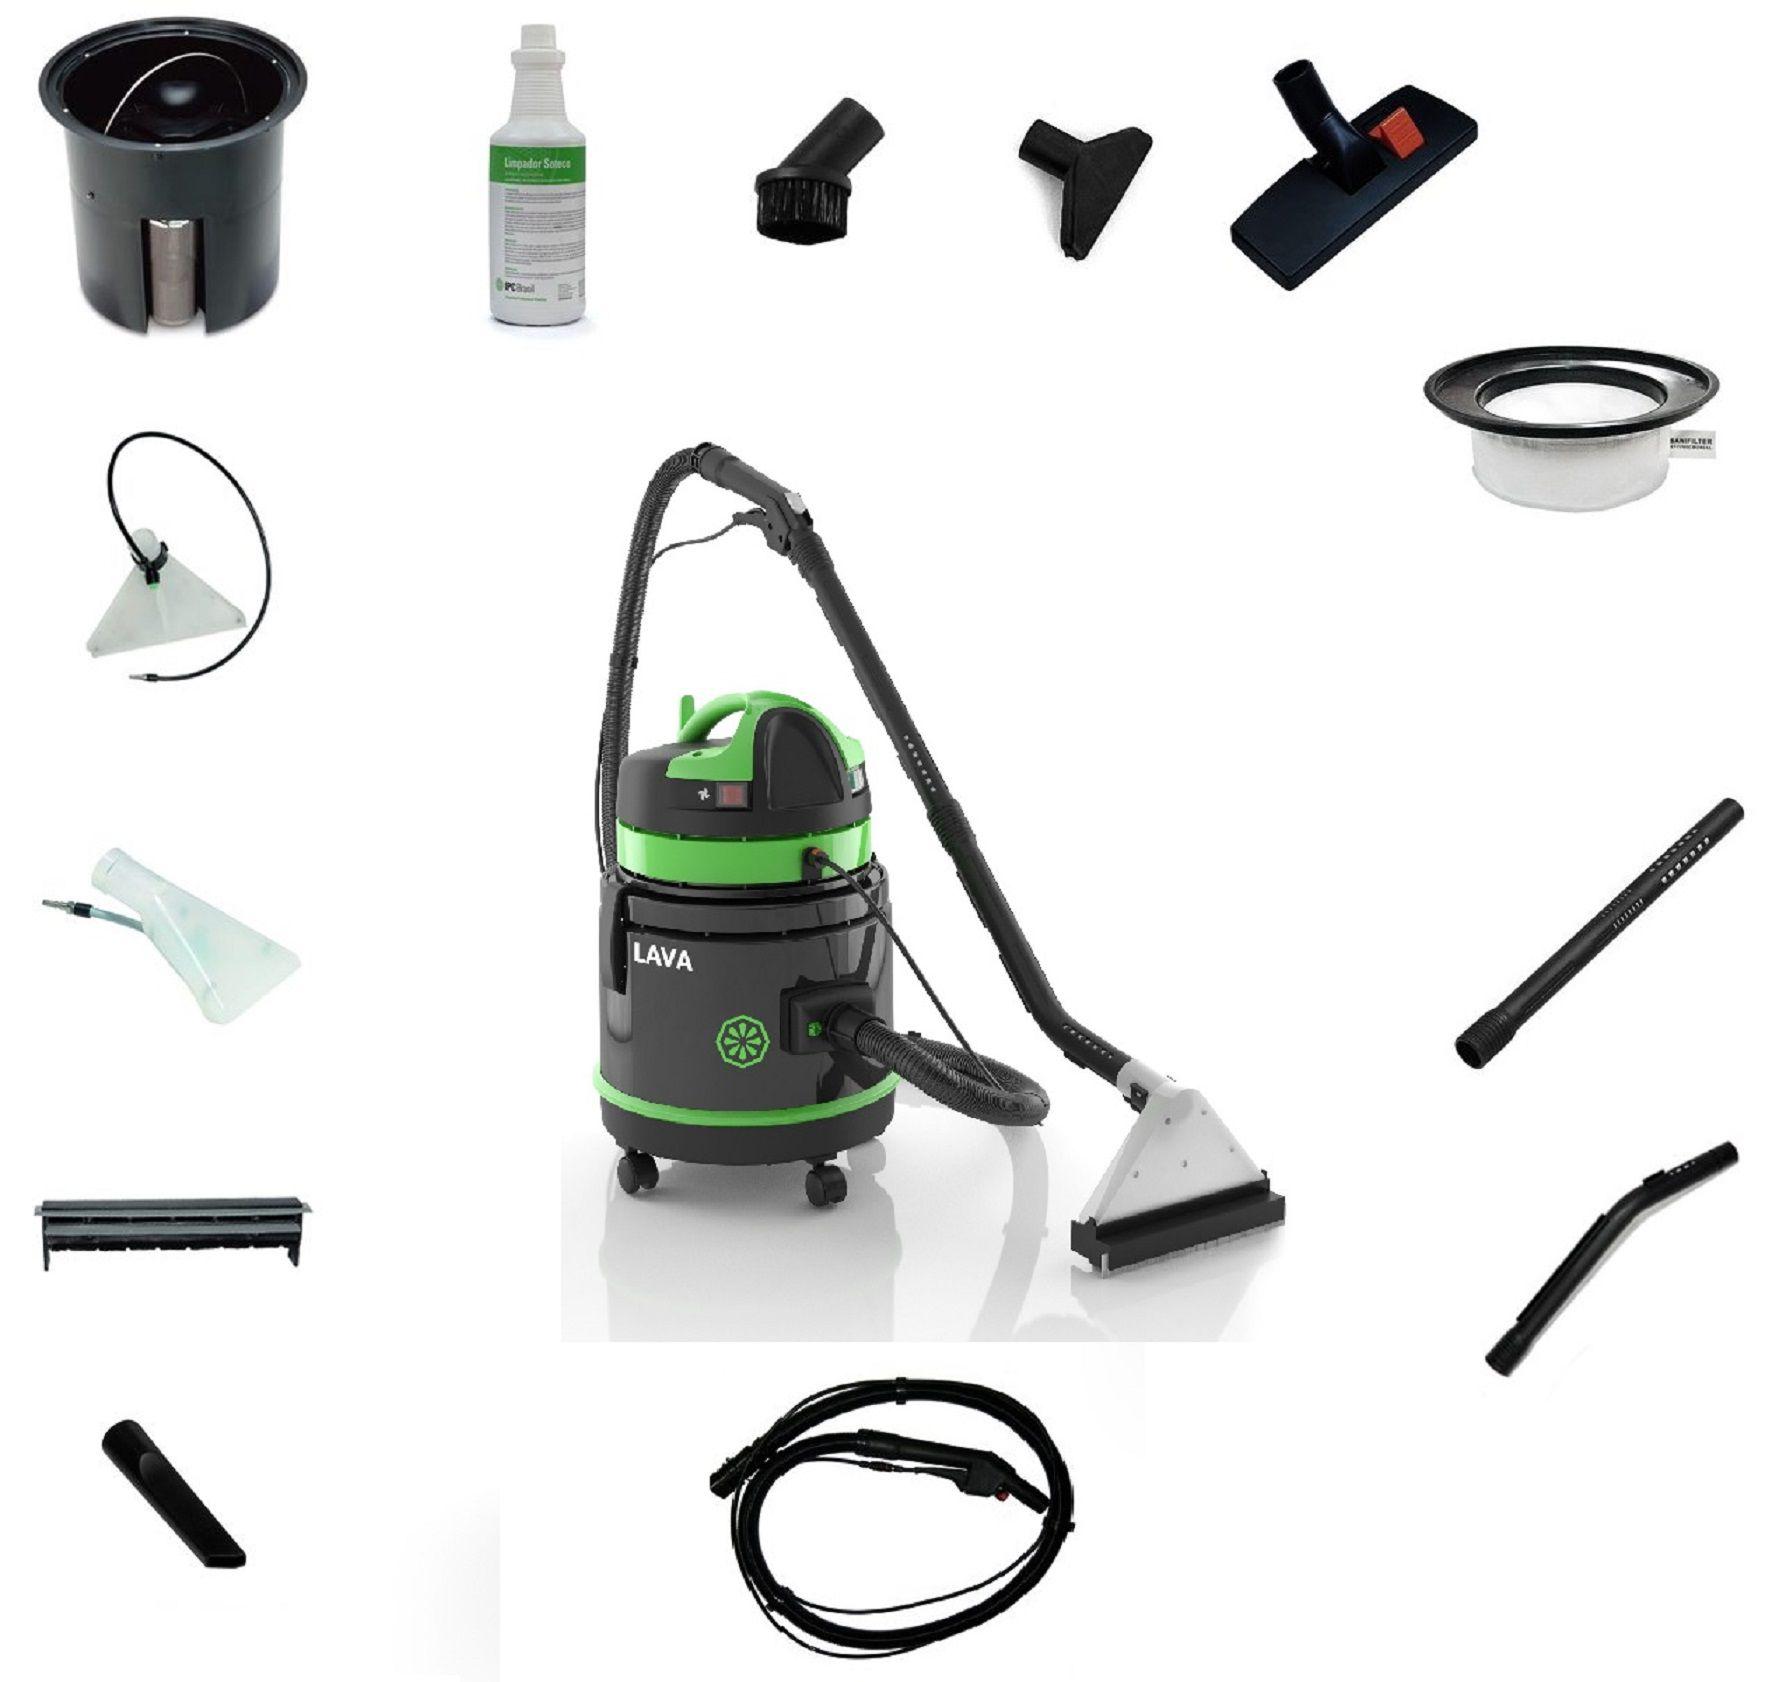 FULL - Extratora Ipc Lava Pro 1400w 27l Stoptotal Lavagem Estofados  - USAR Super Ofertas